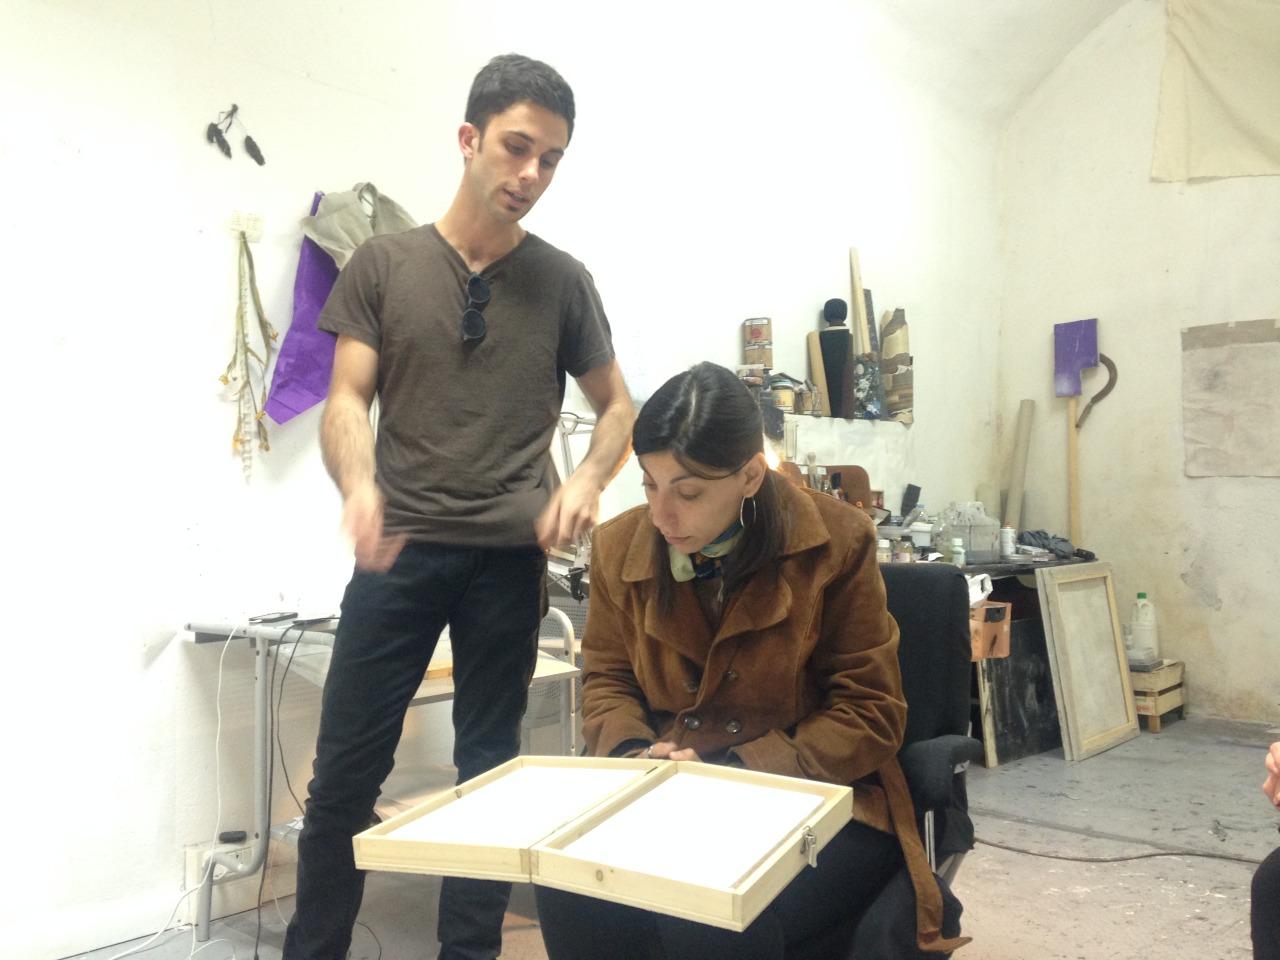 22.05.2015 Andrea Carpita, studio visit